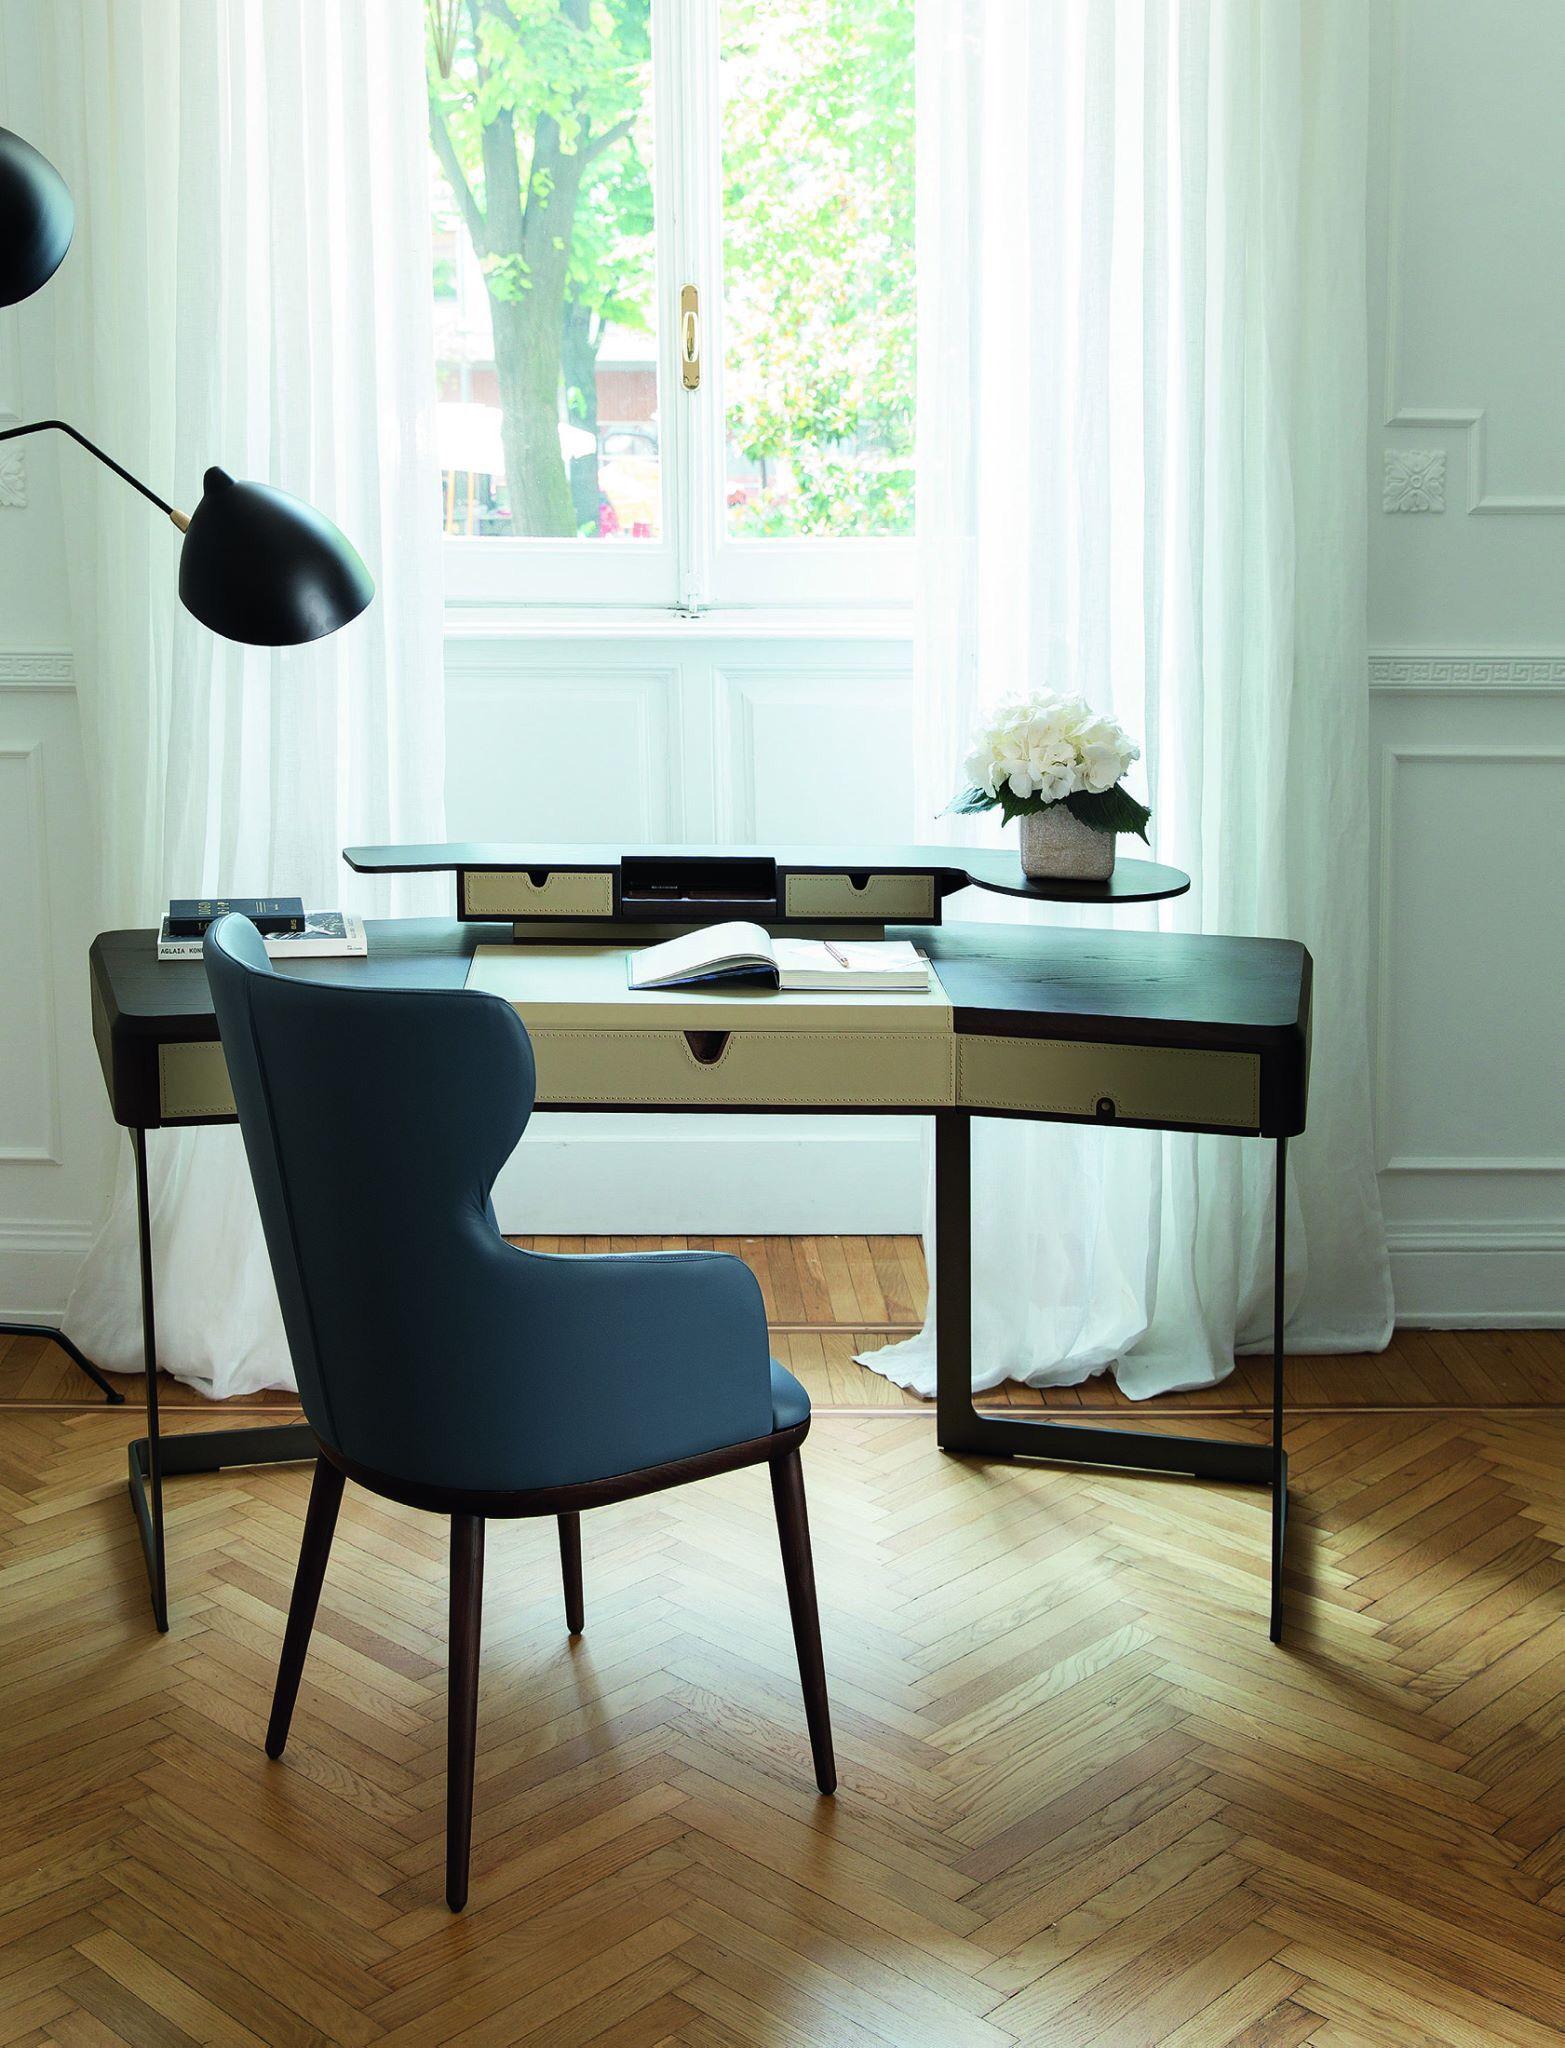 Tom Desk By Porada Dining Tabledeskstablesdining